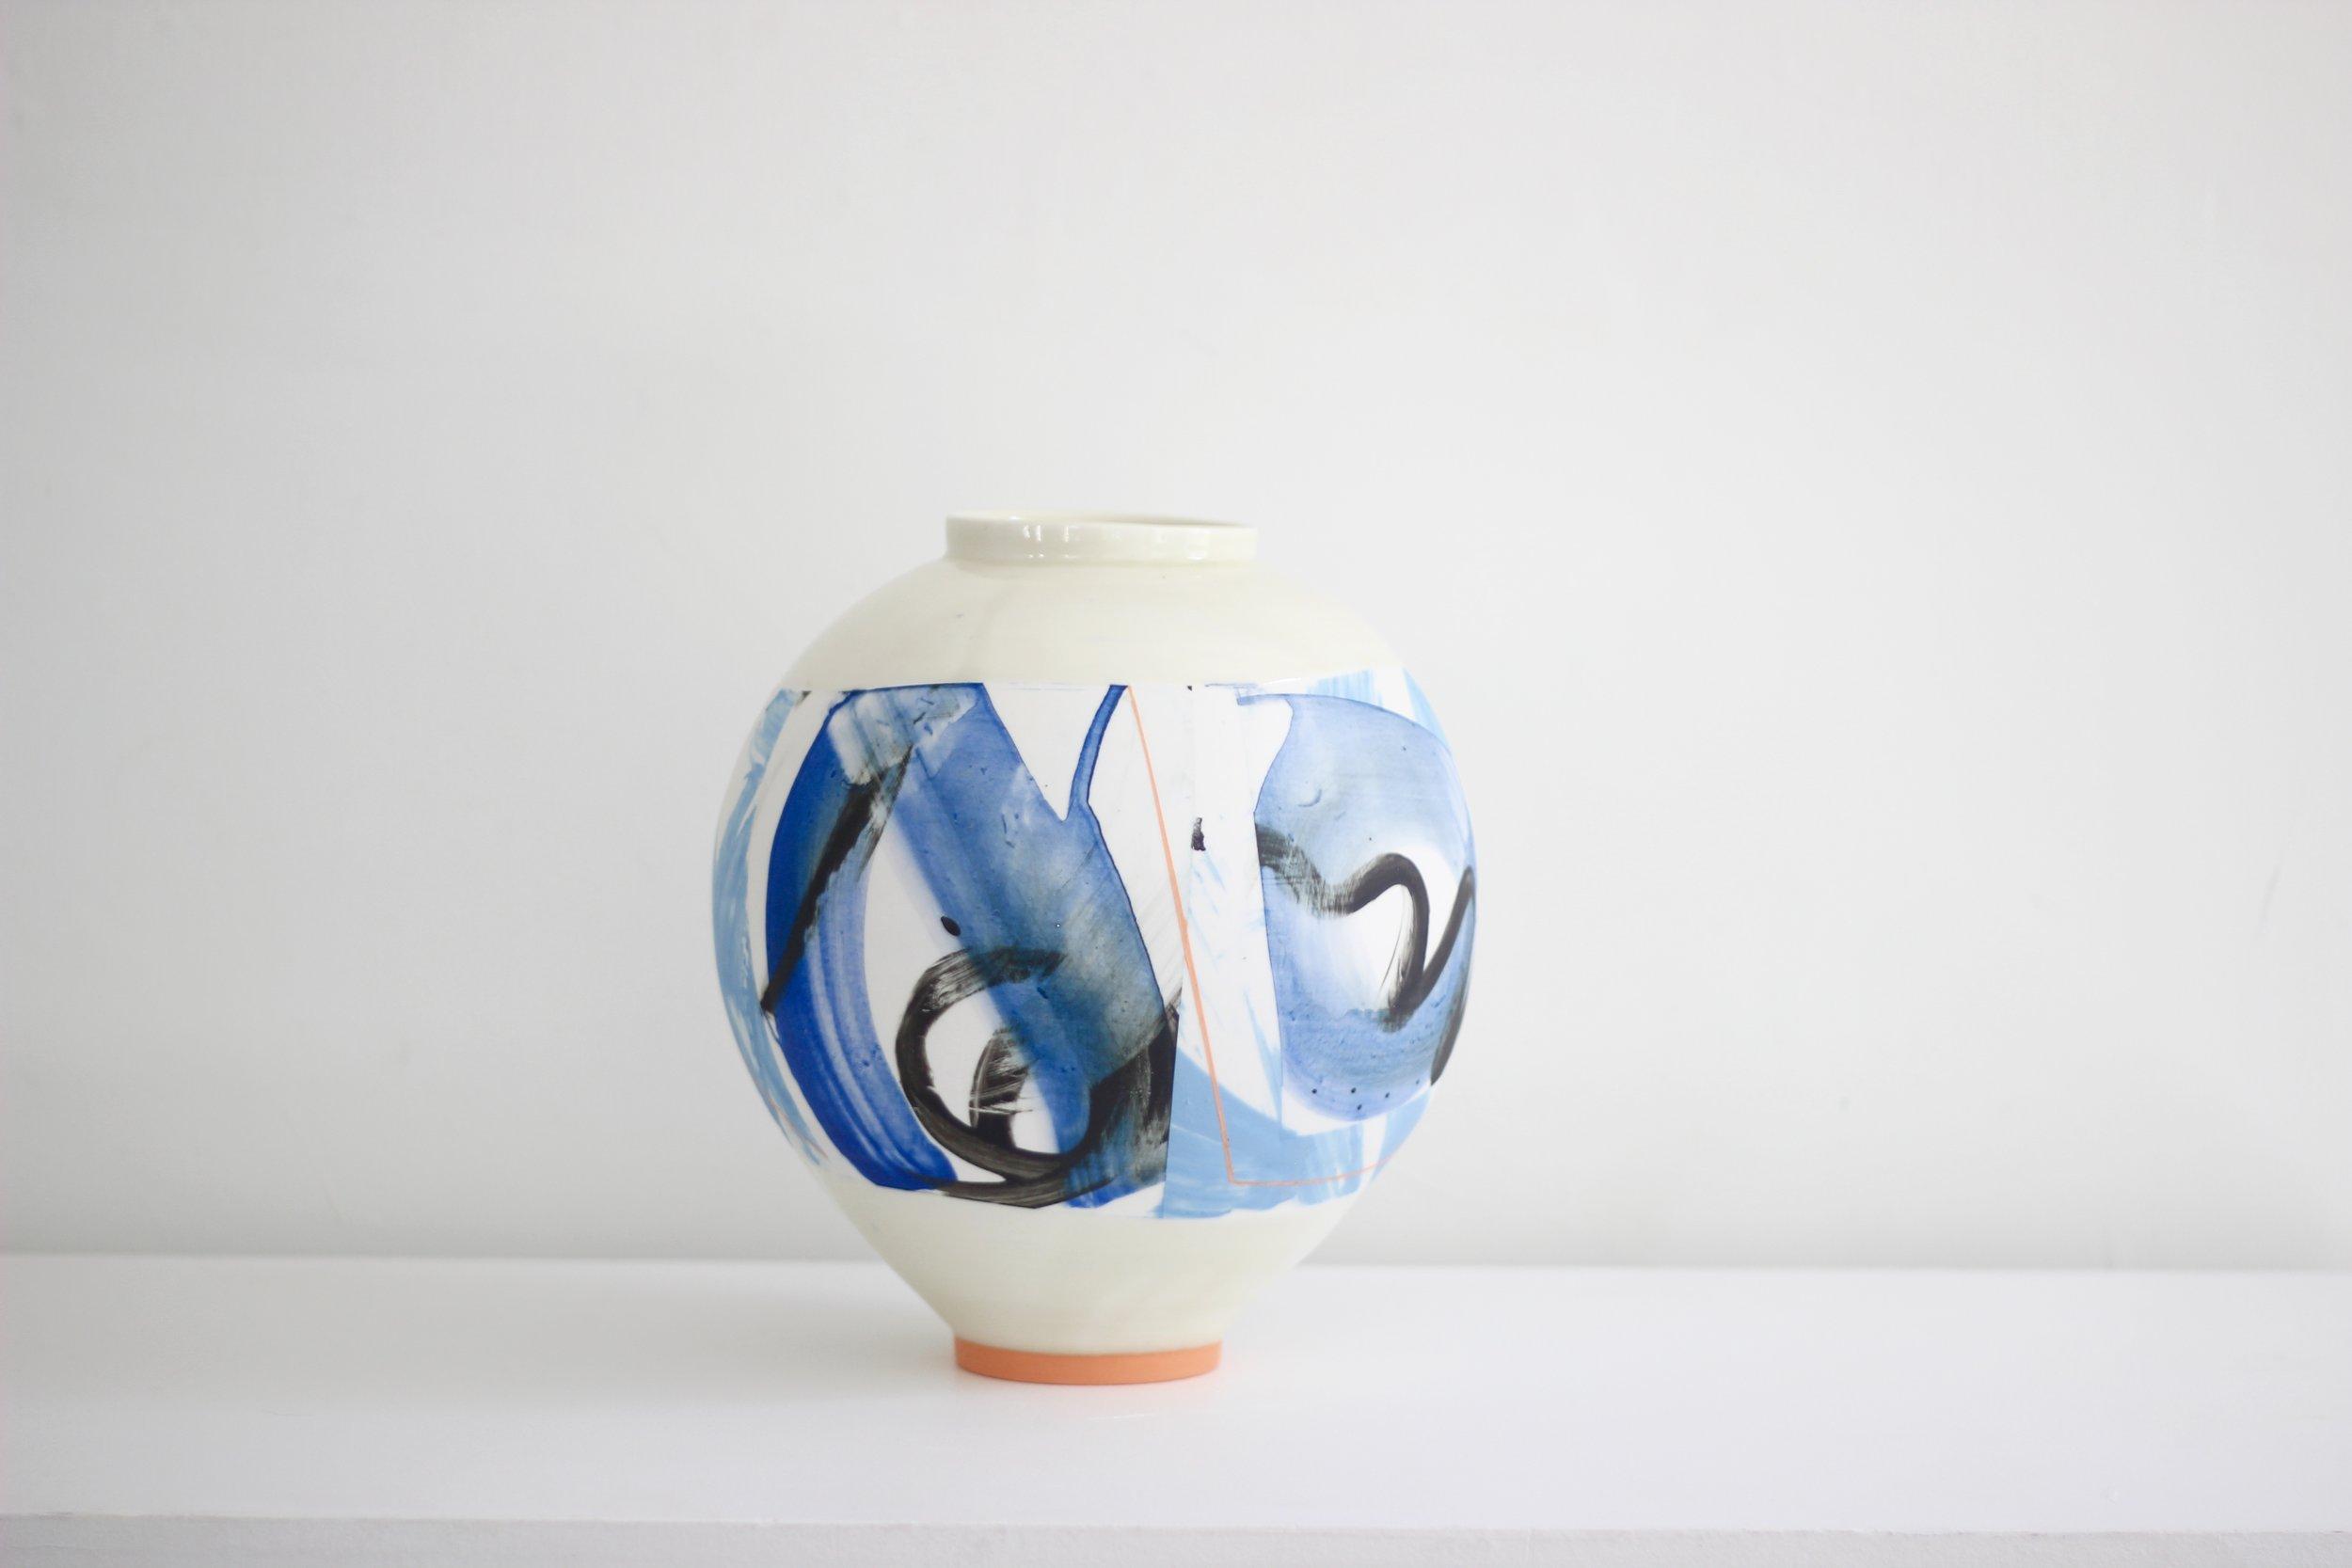 Adam Frew - Medium ceramic pot with orange foot28 x 28 cm